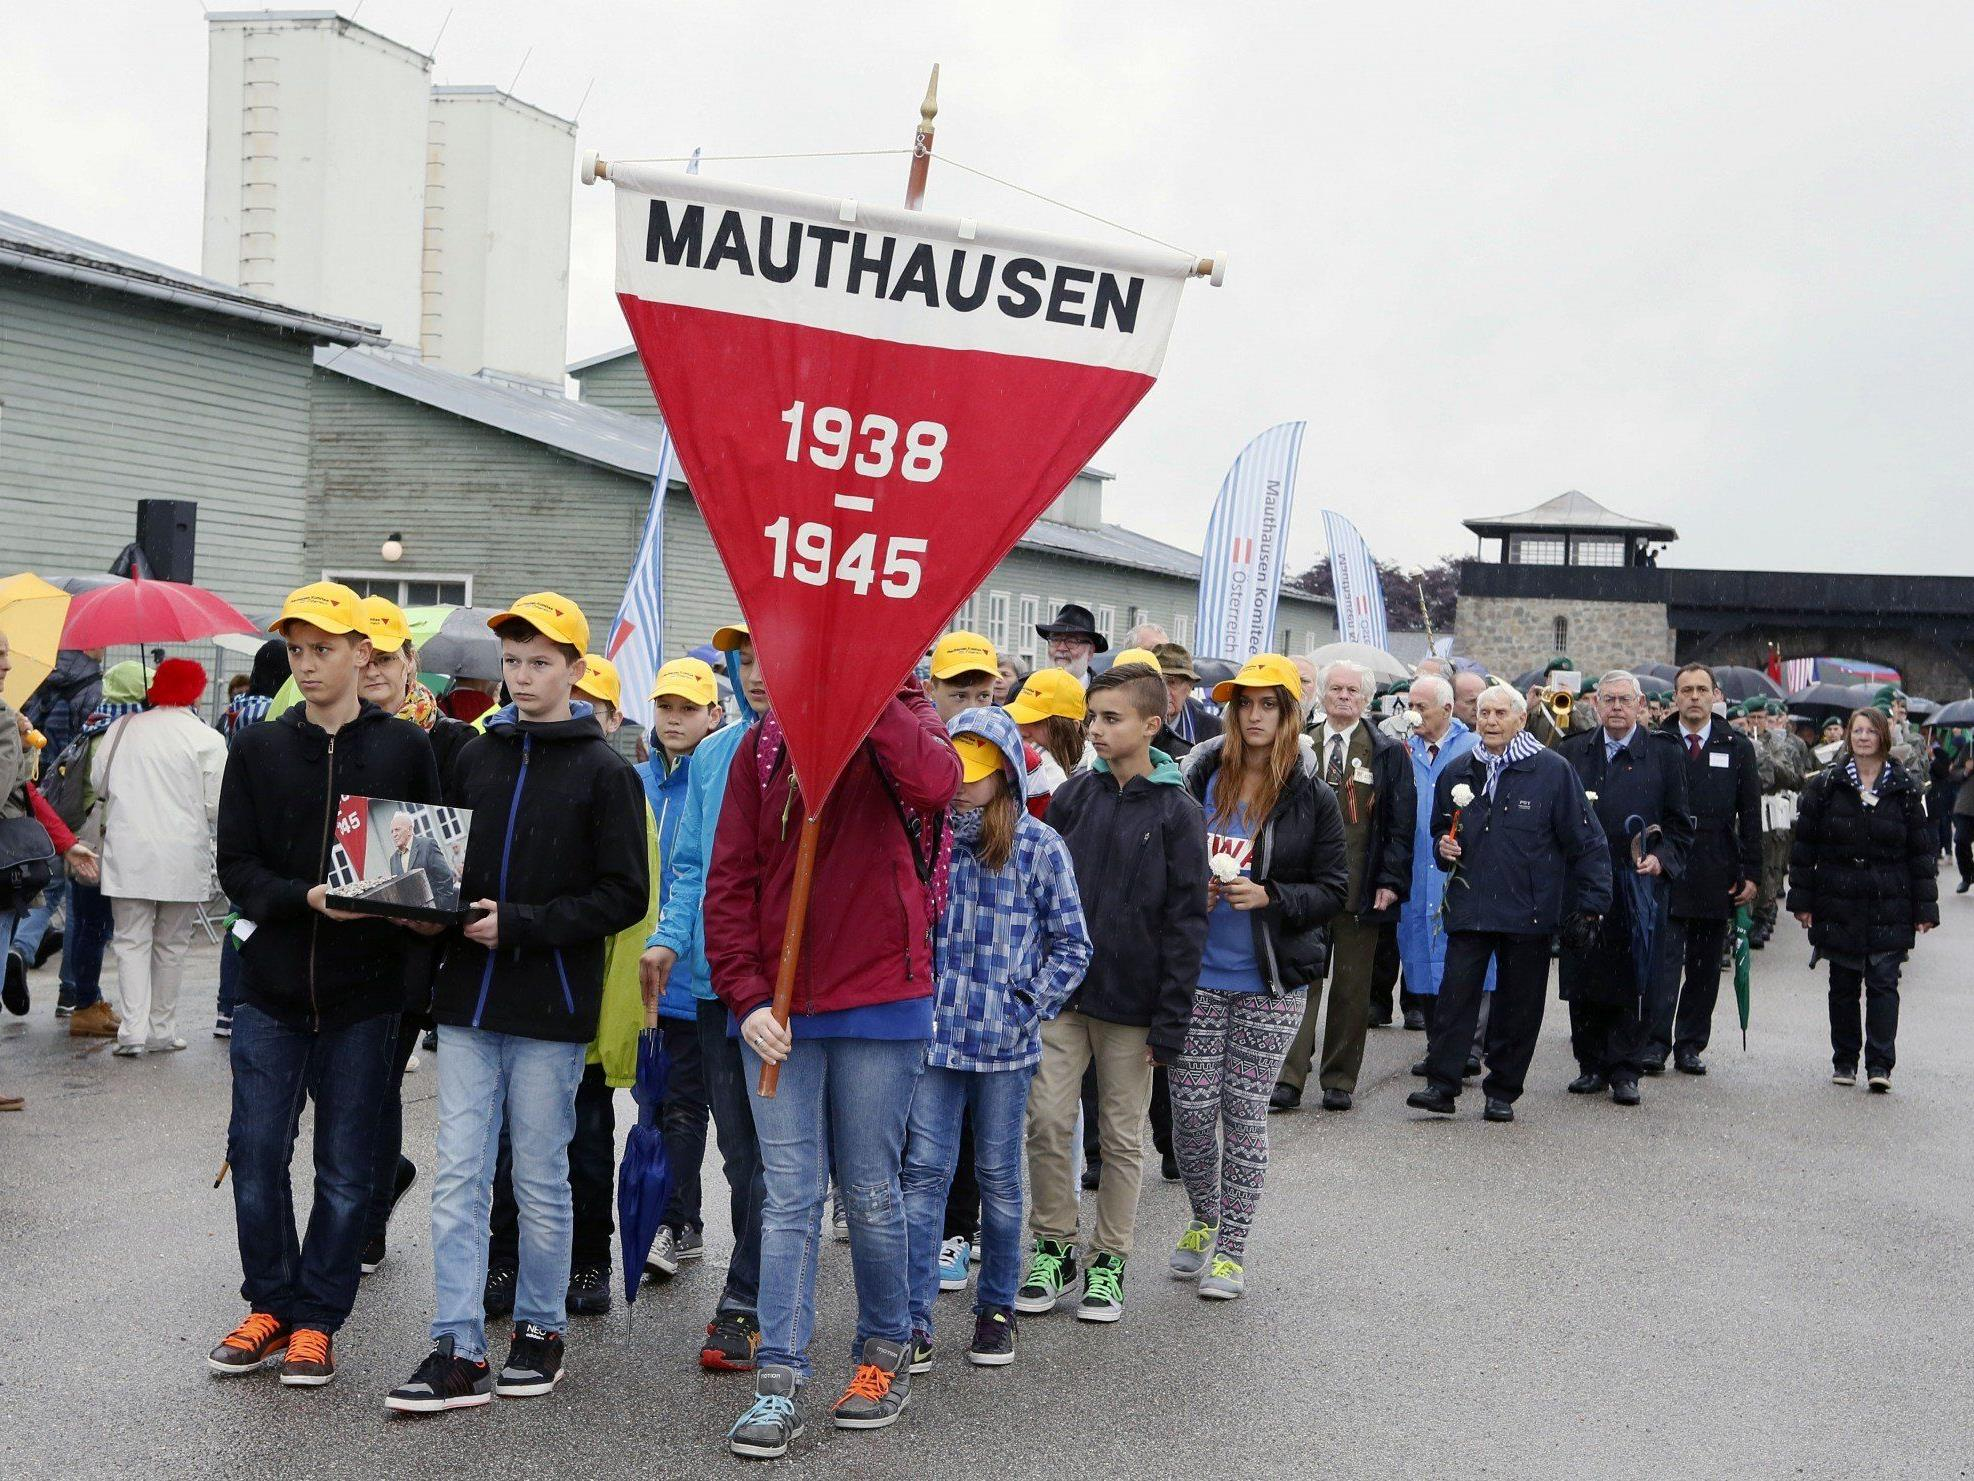 Wieder Nazi-Schmierereien an KZ-Gedenkstätte Mauthuasen - SPÖ und Grüne rufen nach politischem Gipfel.